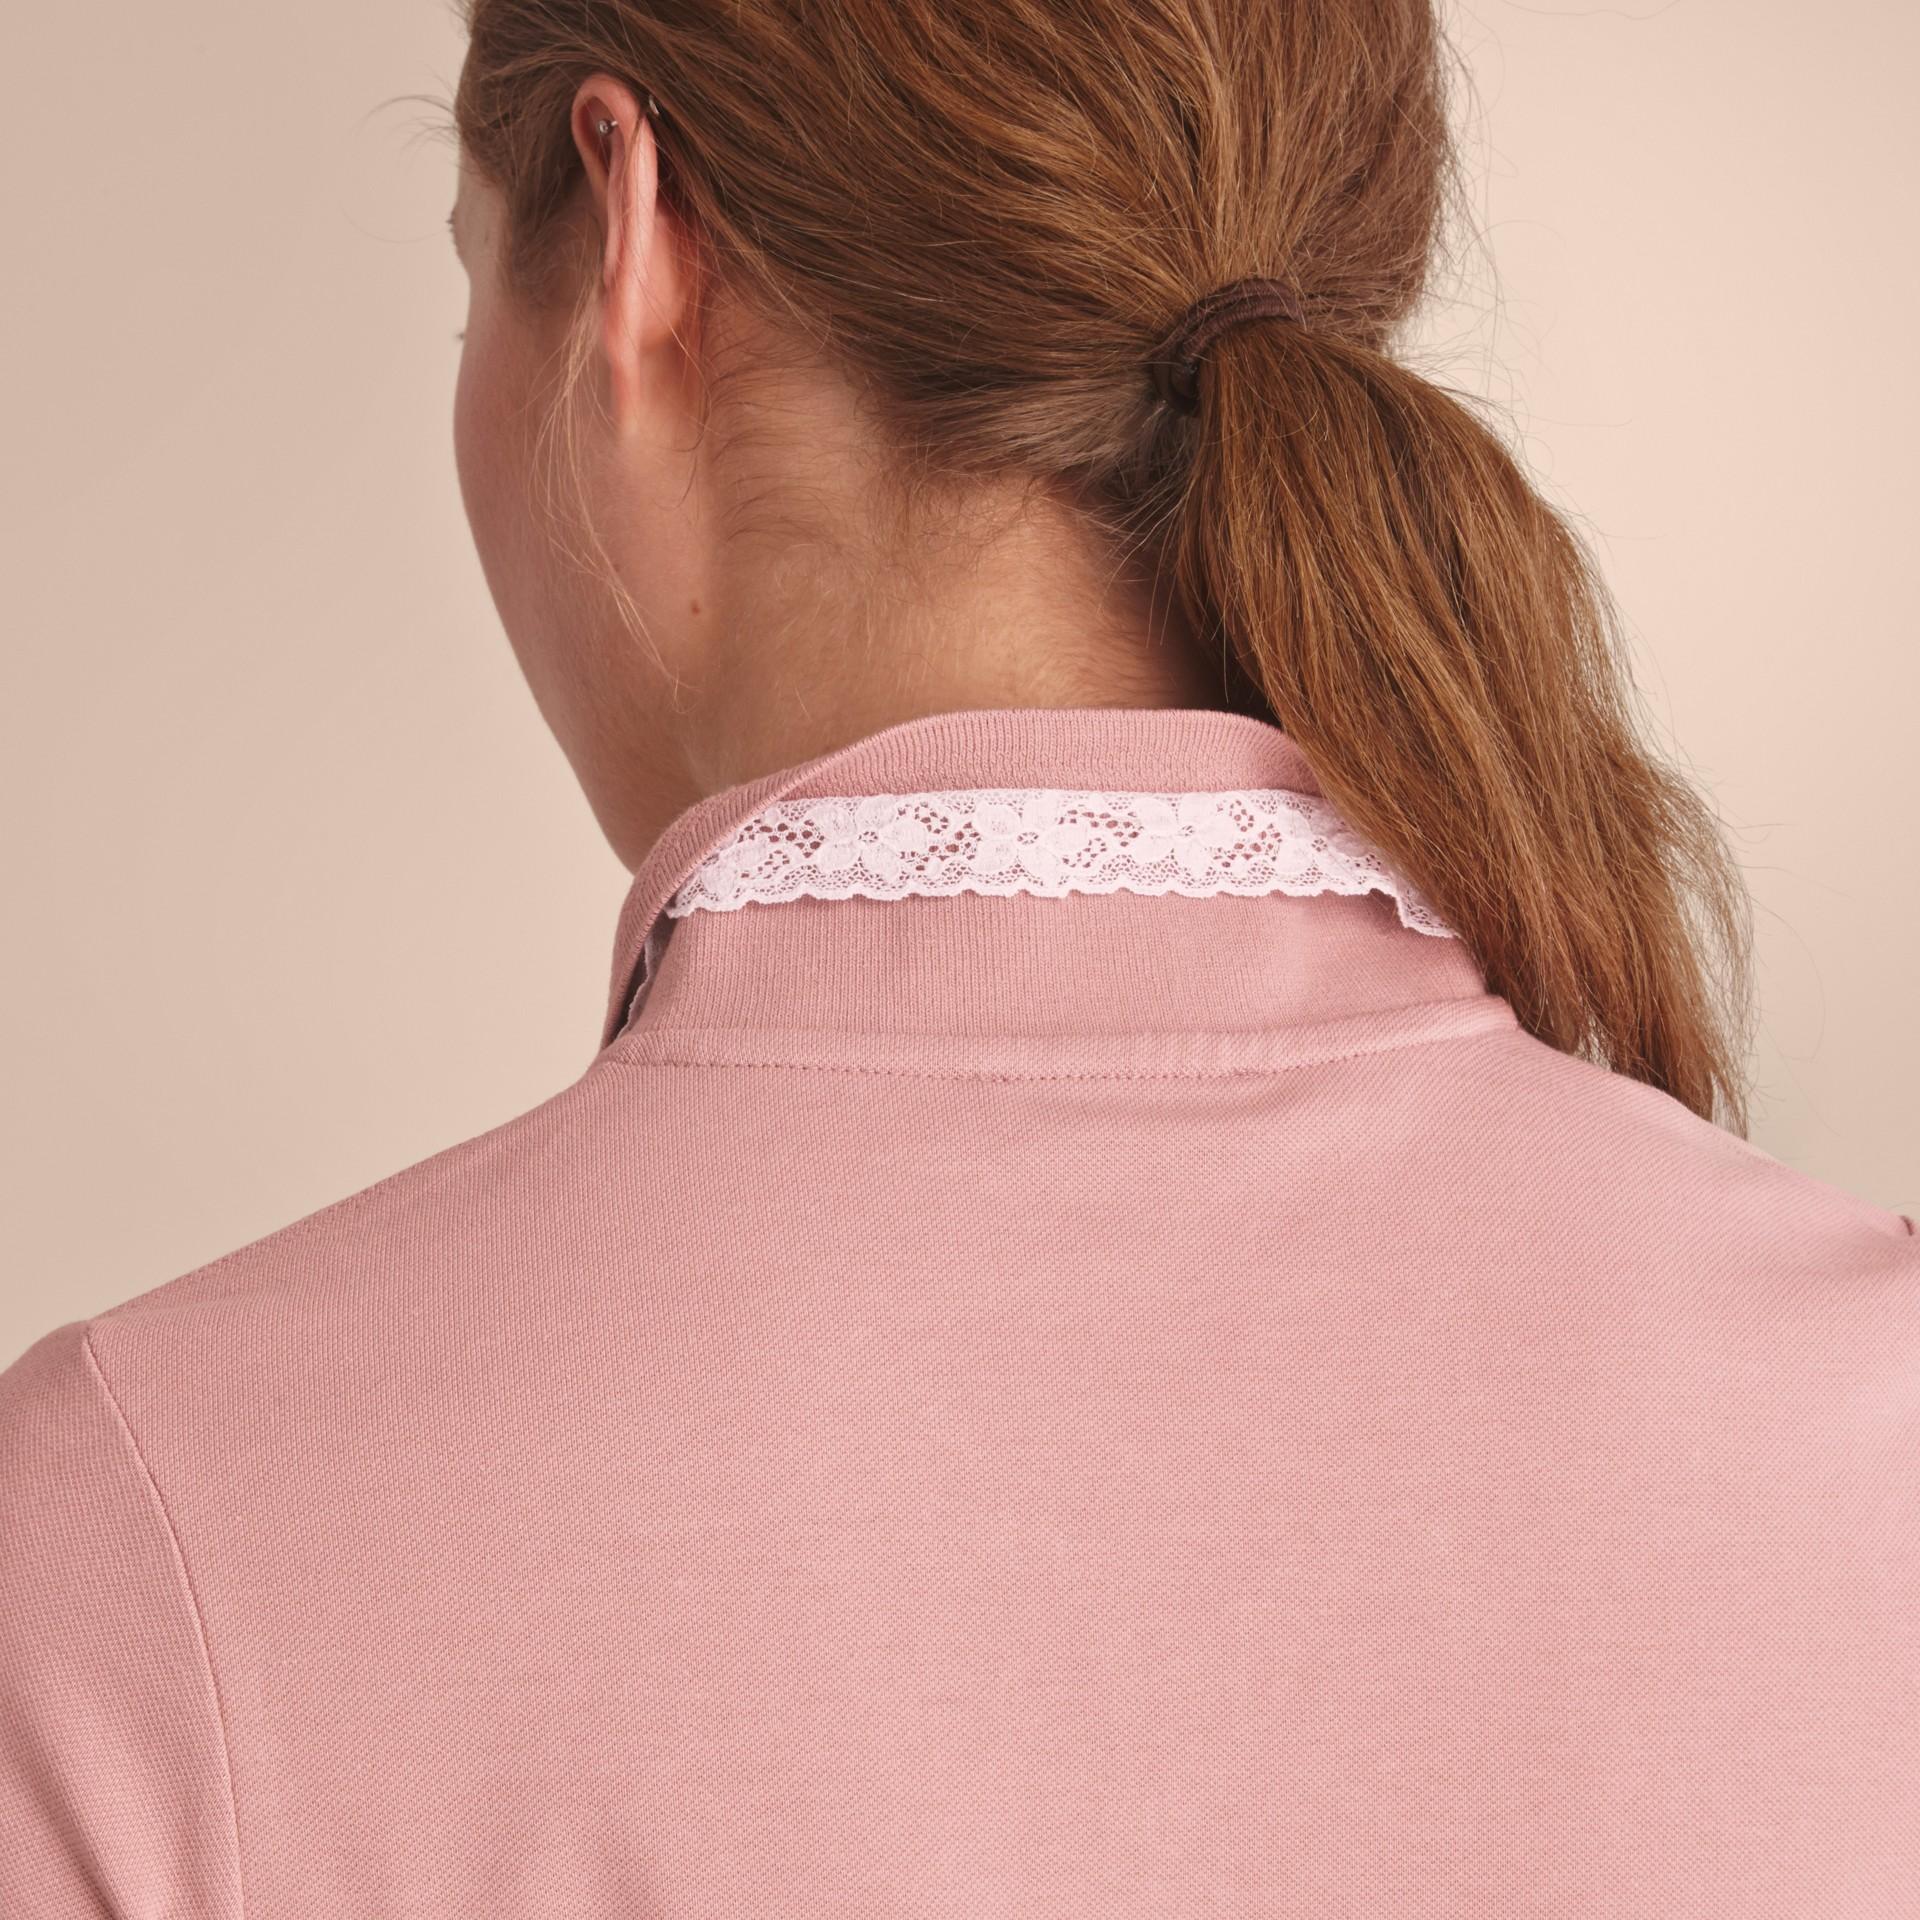 Poloshirt aus einer Baumwollmischung mit Spitzenbesatz und Karodetail (Nudefarben) - Damen | Burberry - Galerie-Bild 6